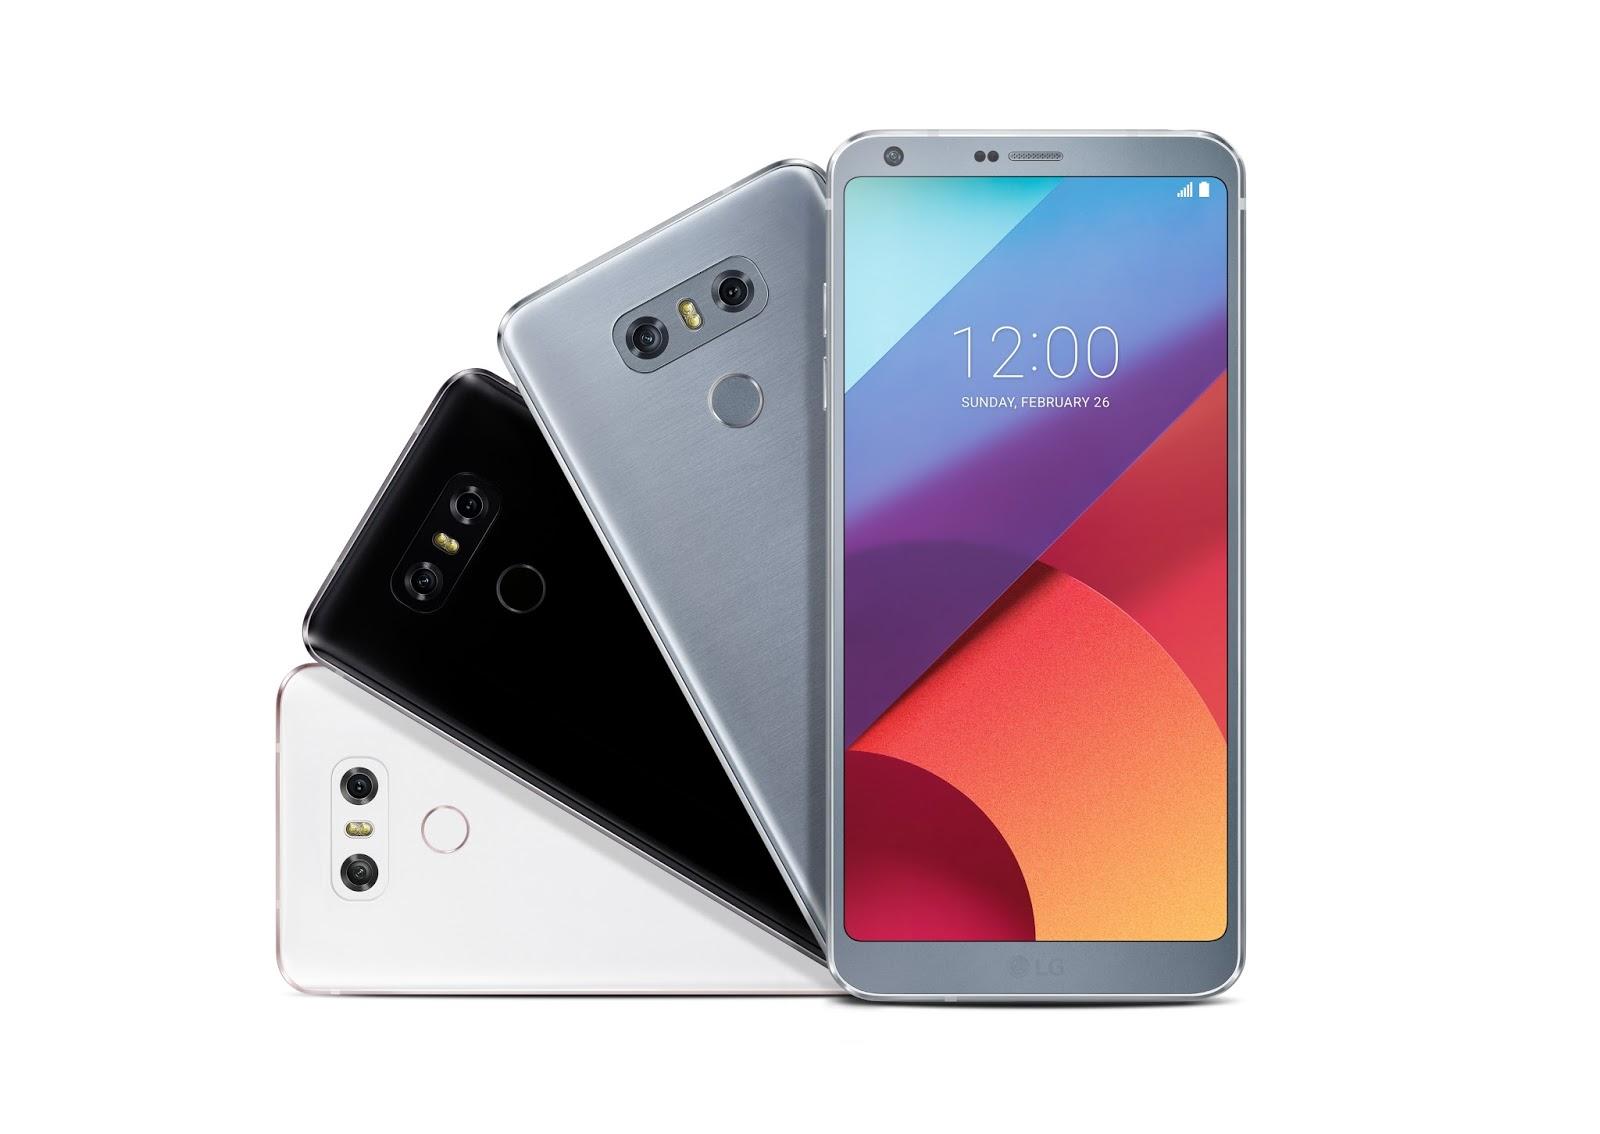 Nuovo LG G6 | Immagini - Video - Caratteristiche HTNovo